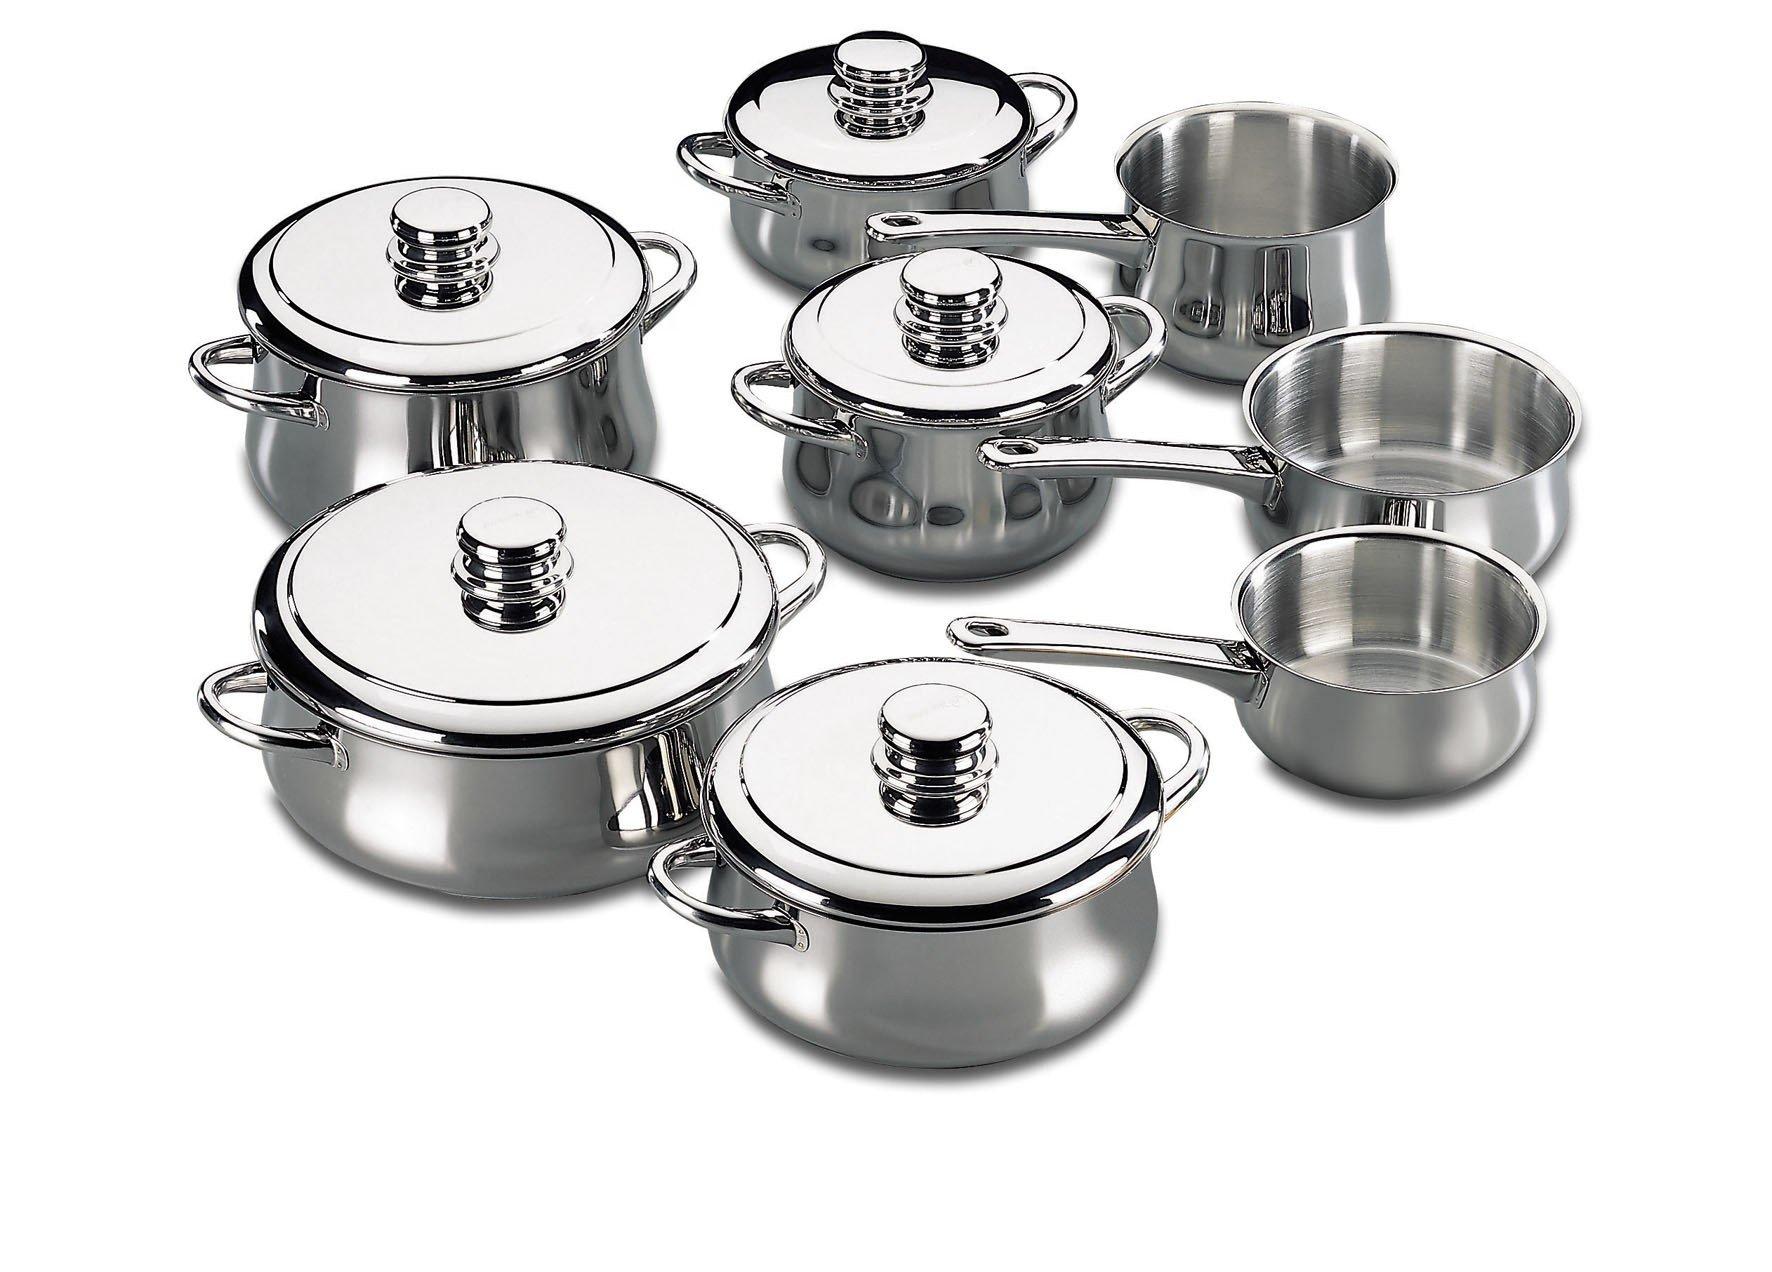 Bateria de cocina fagor pae silver fagor 978010194 - Bateria de cocina ...